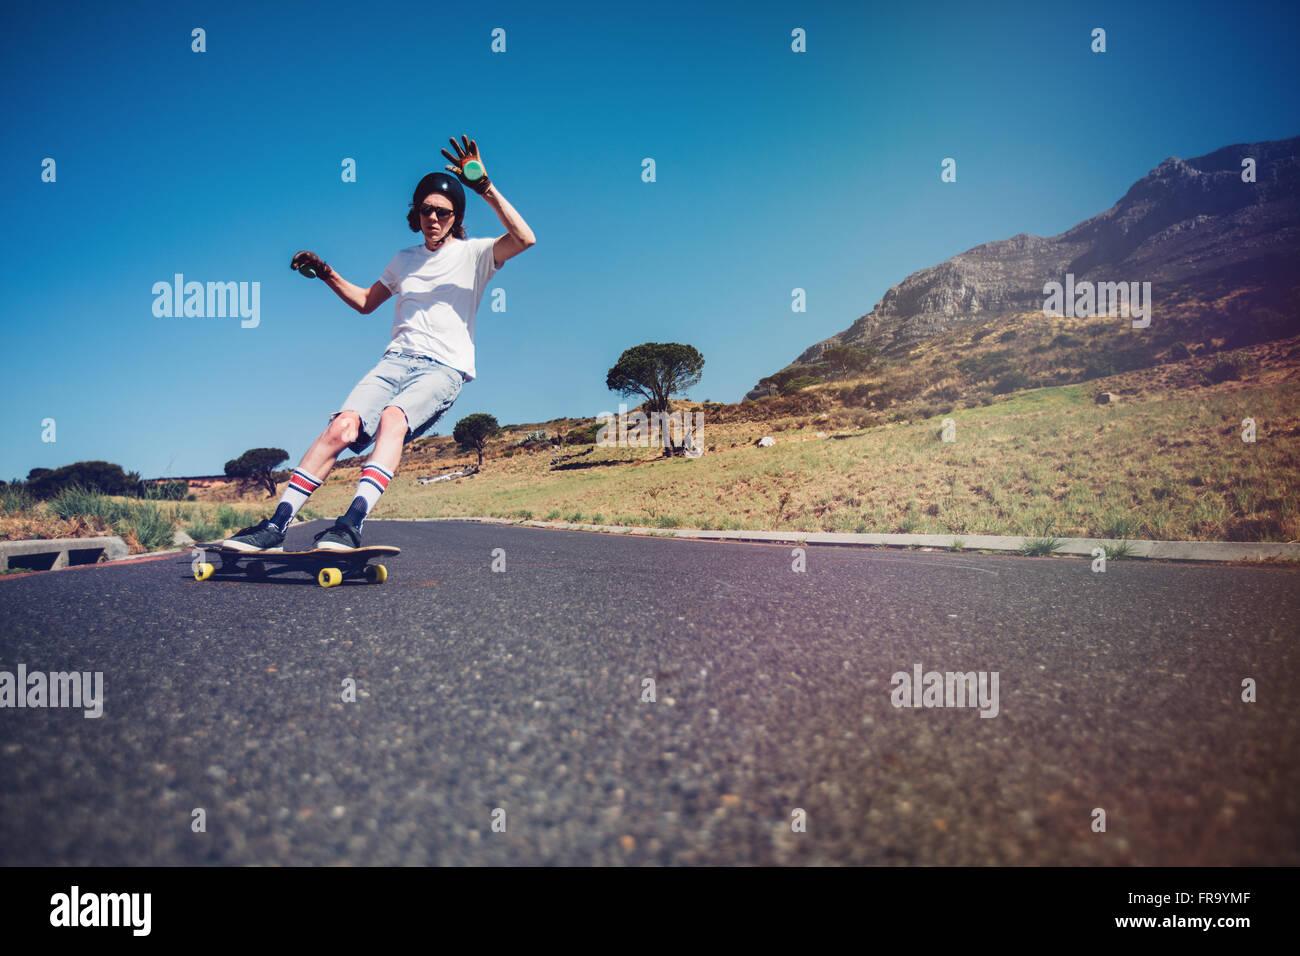 Junger Mann Longboarden auf einer Straße. Junger Mann mit Schutzausrüstung Schlittschuhlaufen auf Landstraße. Stockbild